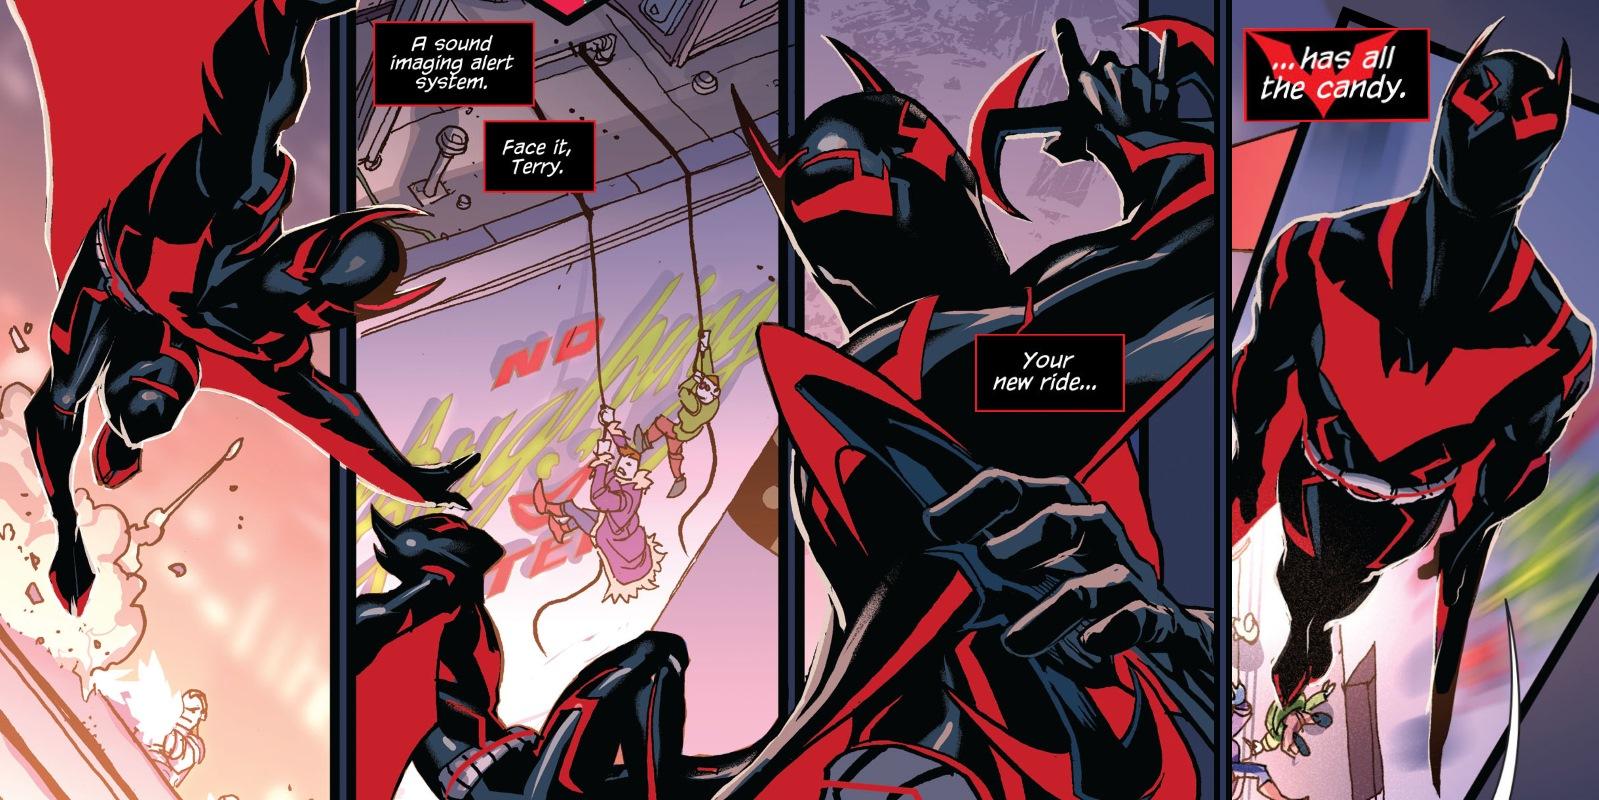 Batman Beyond Just Got a New, Better Batsuit | Screen Rant